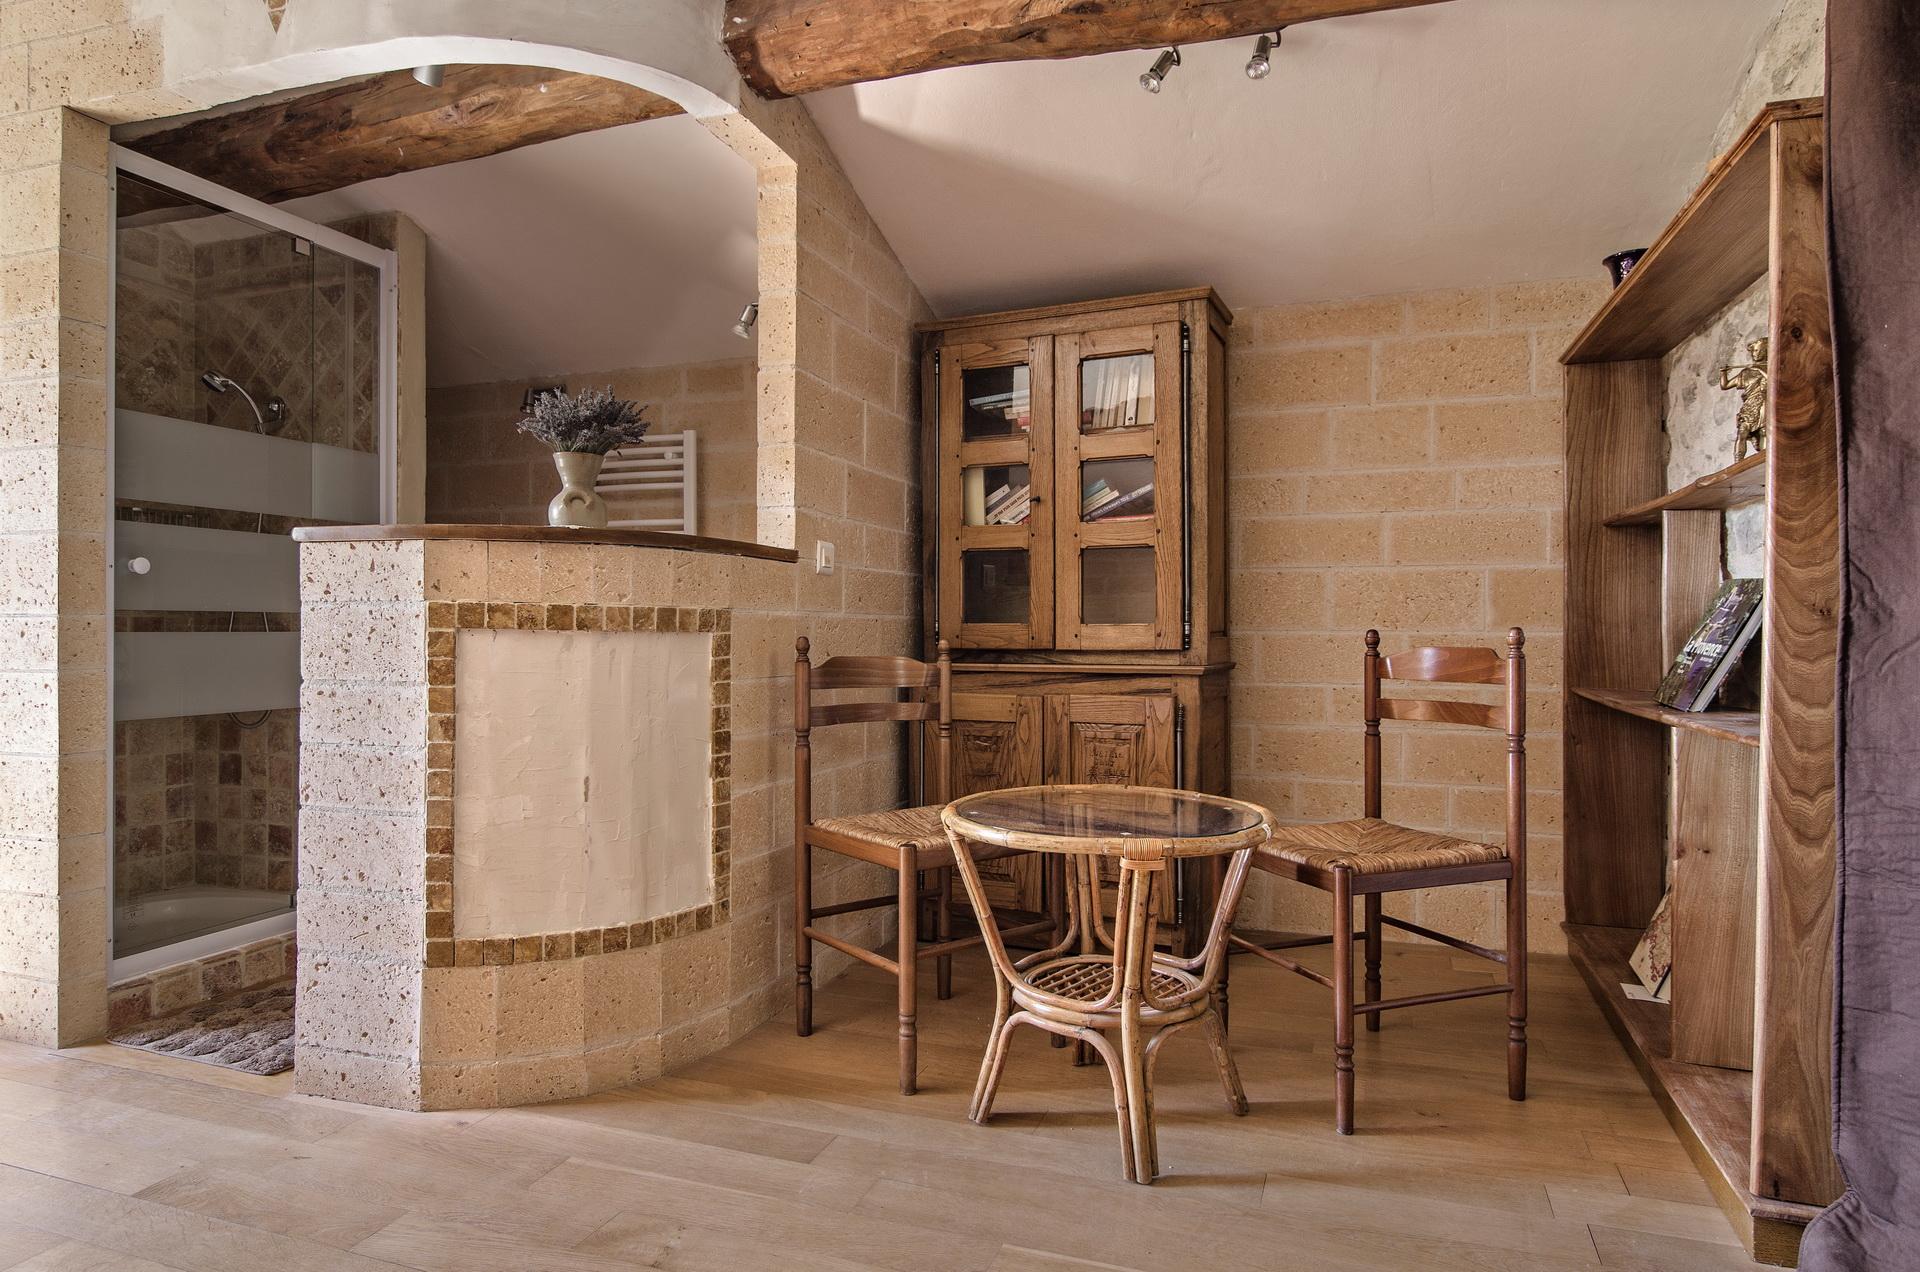 Fontaine Neuve gites et chambres d'hôtes à Lure : le pigeonnier pour 2 personnes